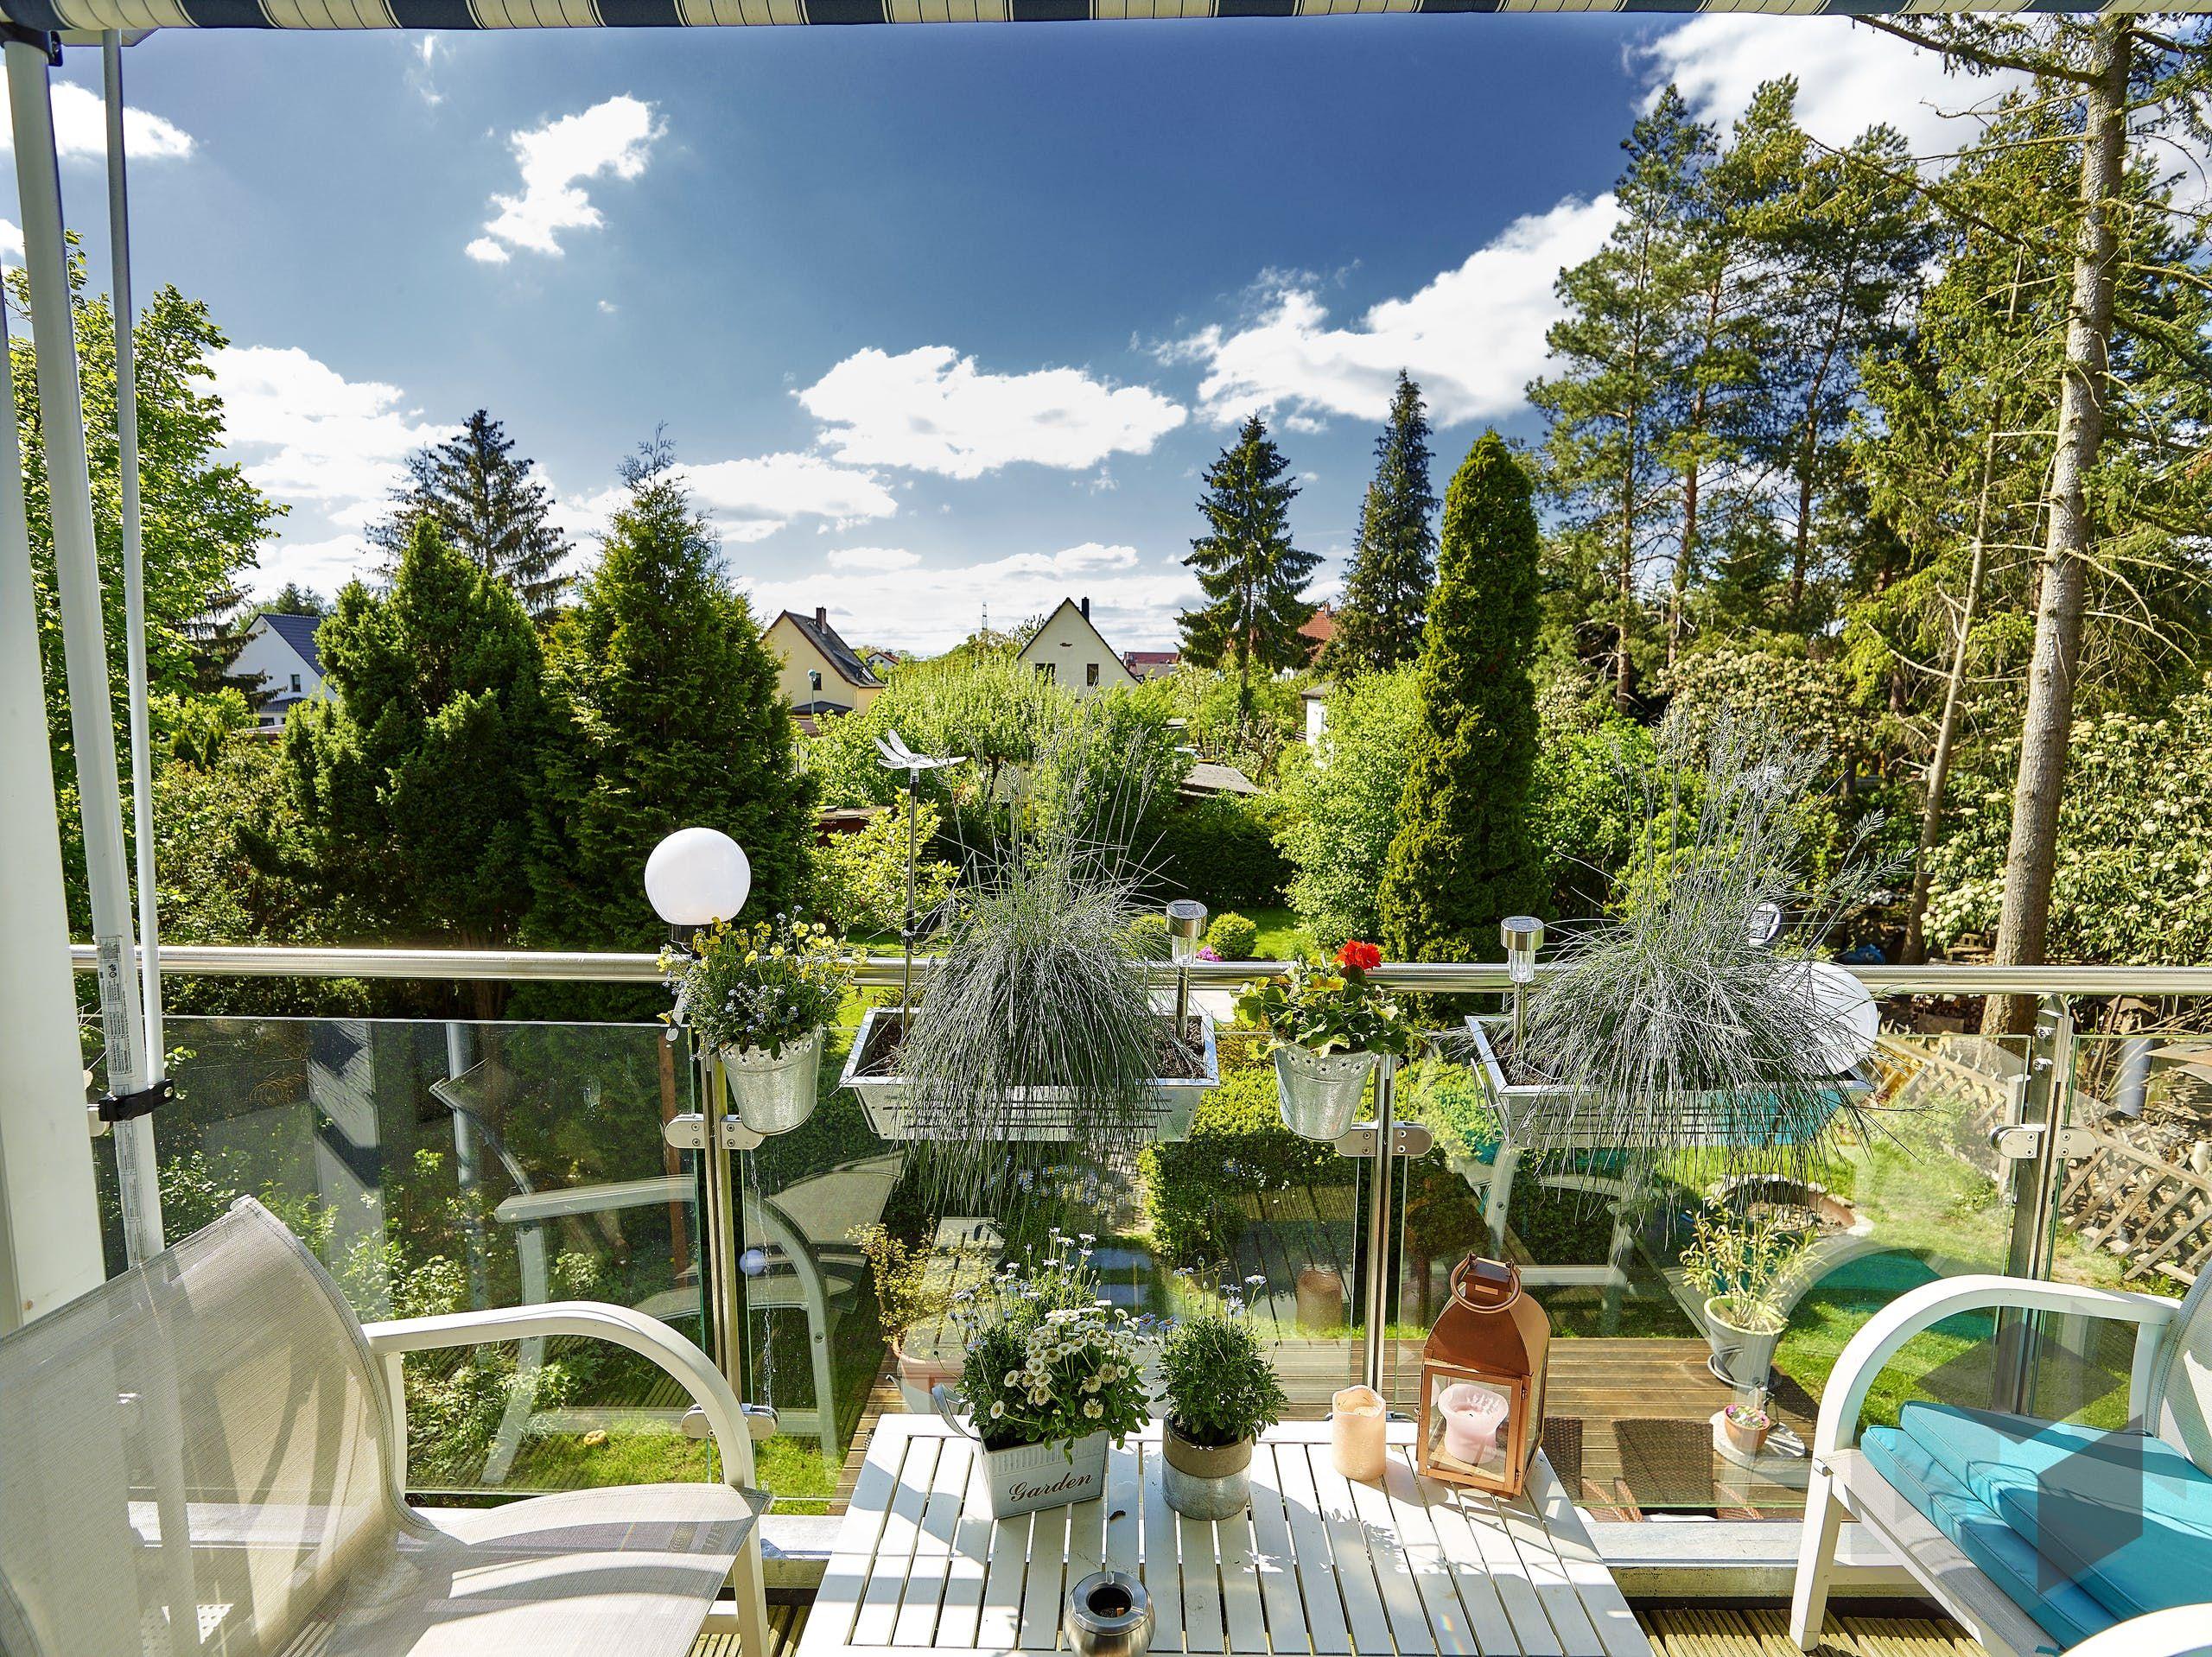 Garten Anlegen Neubau Schön Die 113 Besten Bilder Von Garten Ideen Inspiration Für